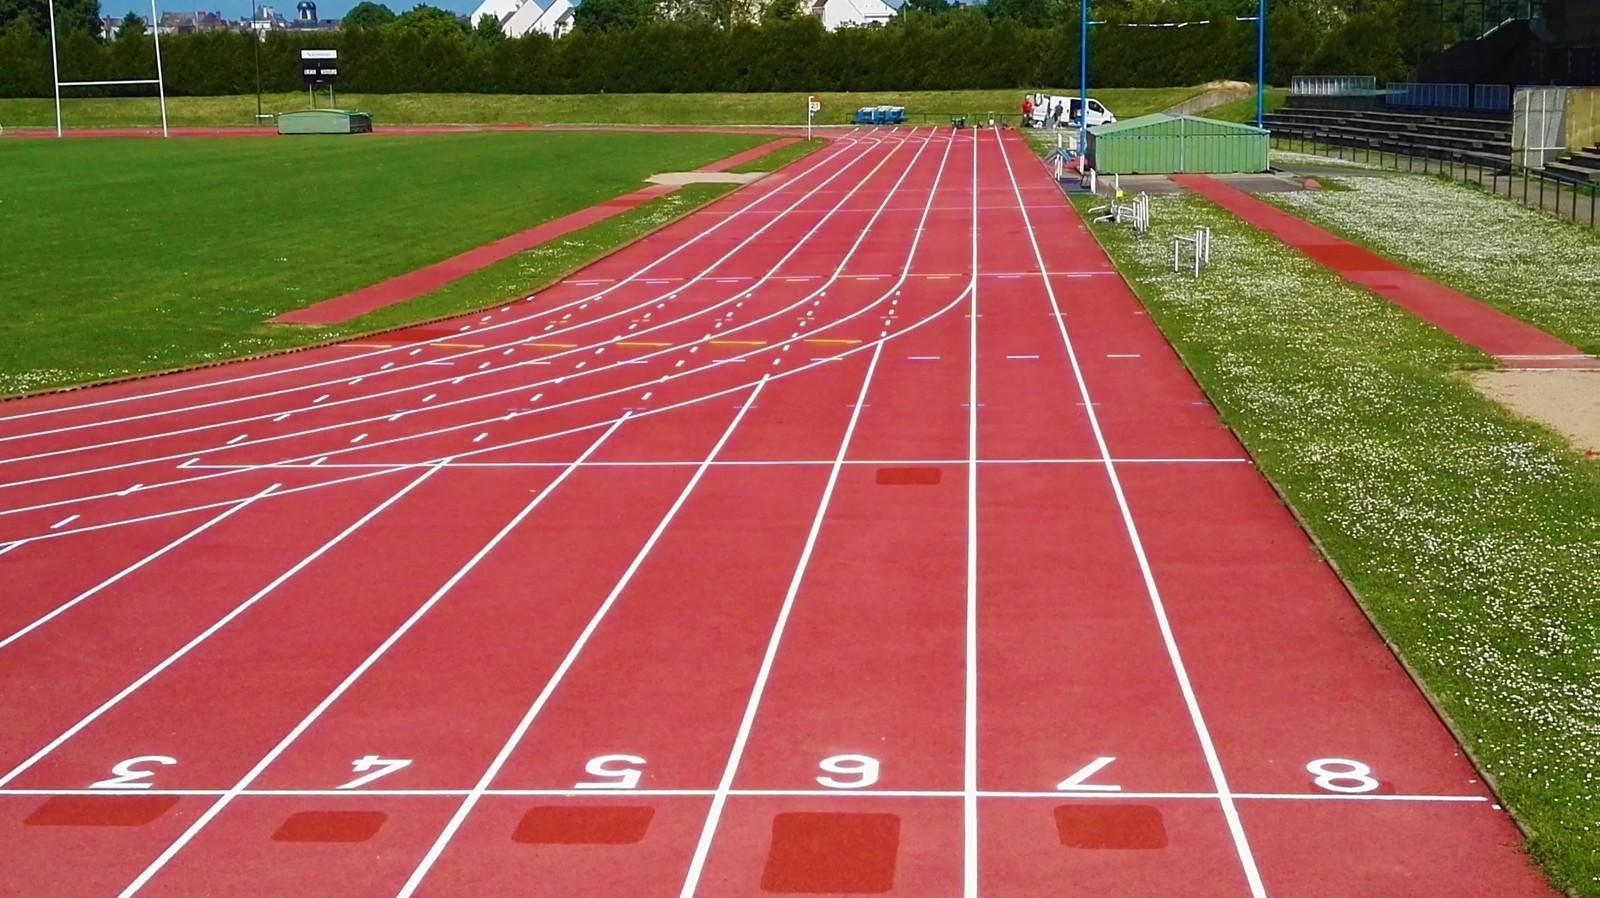 Retraçage lignes Piste Athlétisme - Bordeaux - Trace Plus